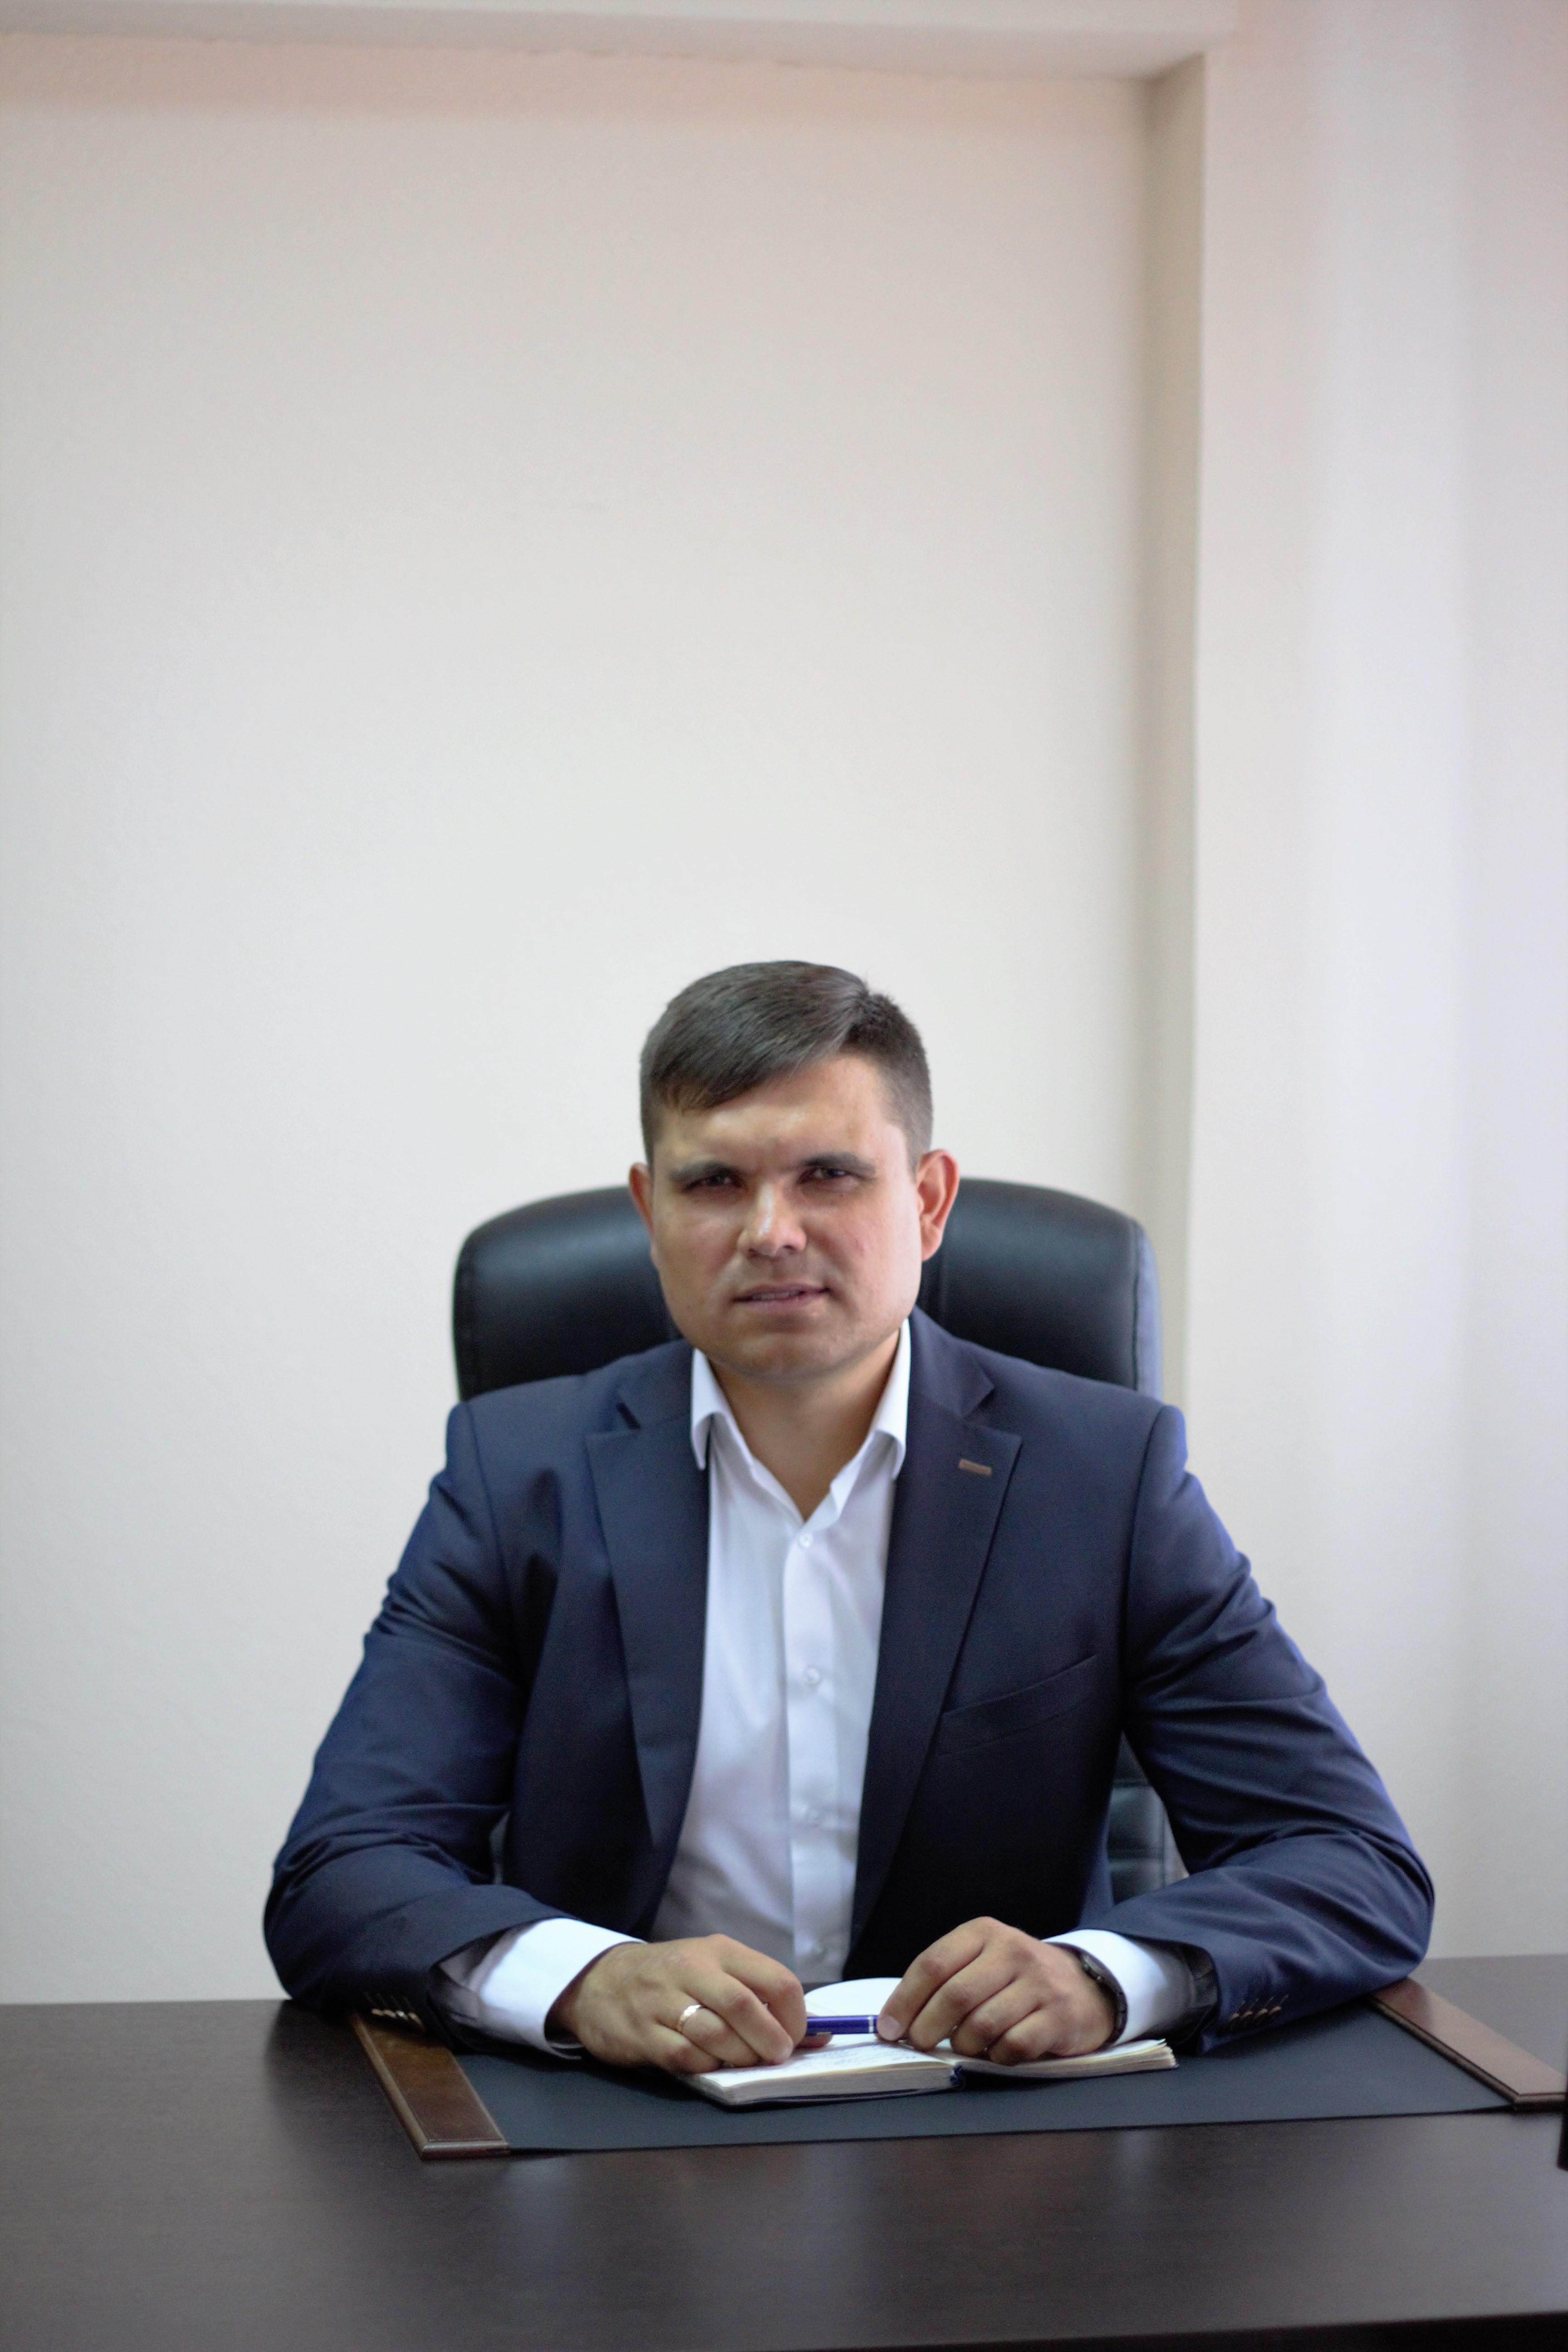 Сергей Романенков, руководитель ООО «Доринг-Сибирь»